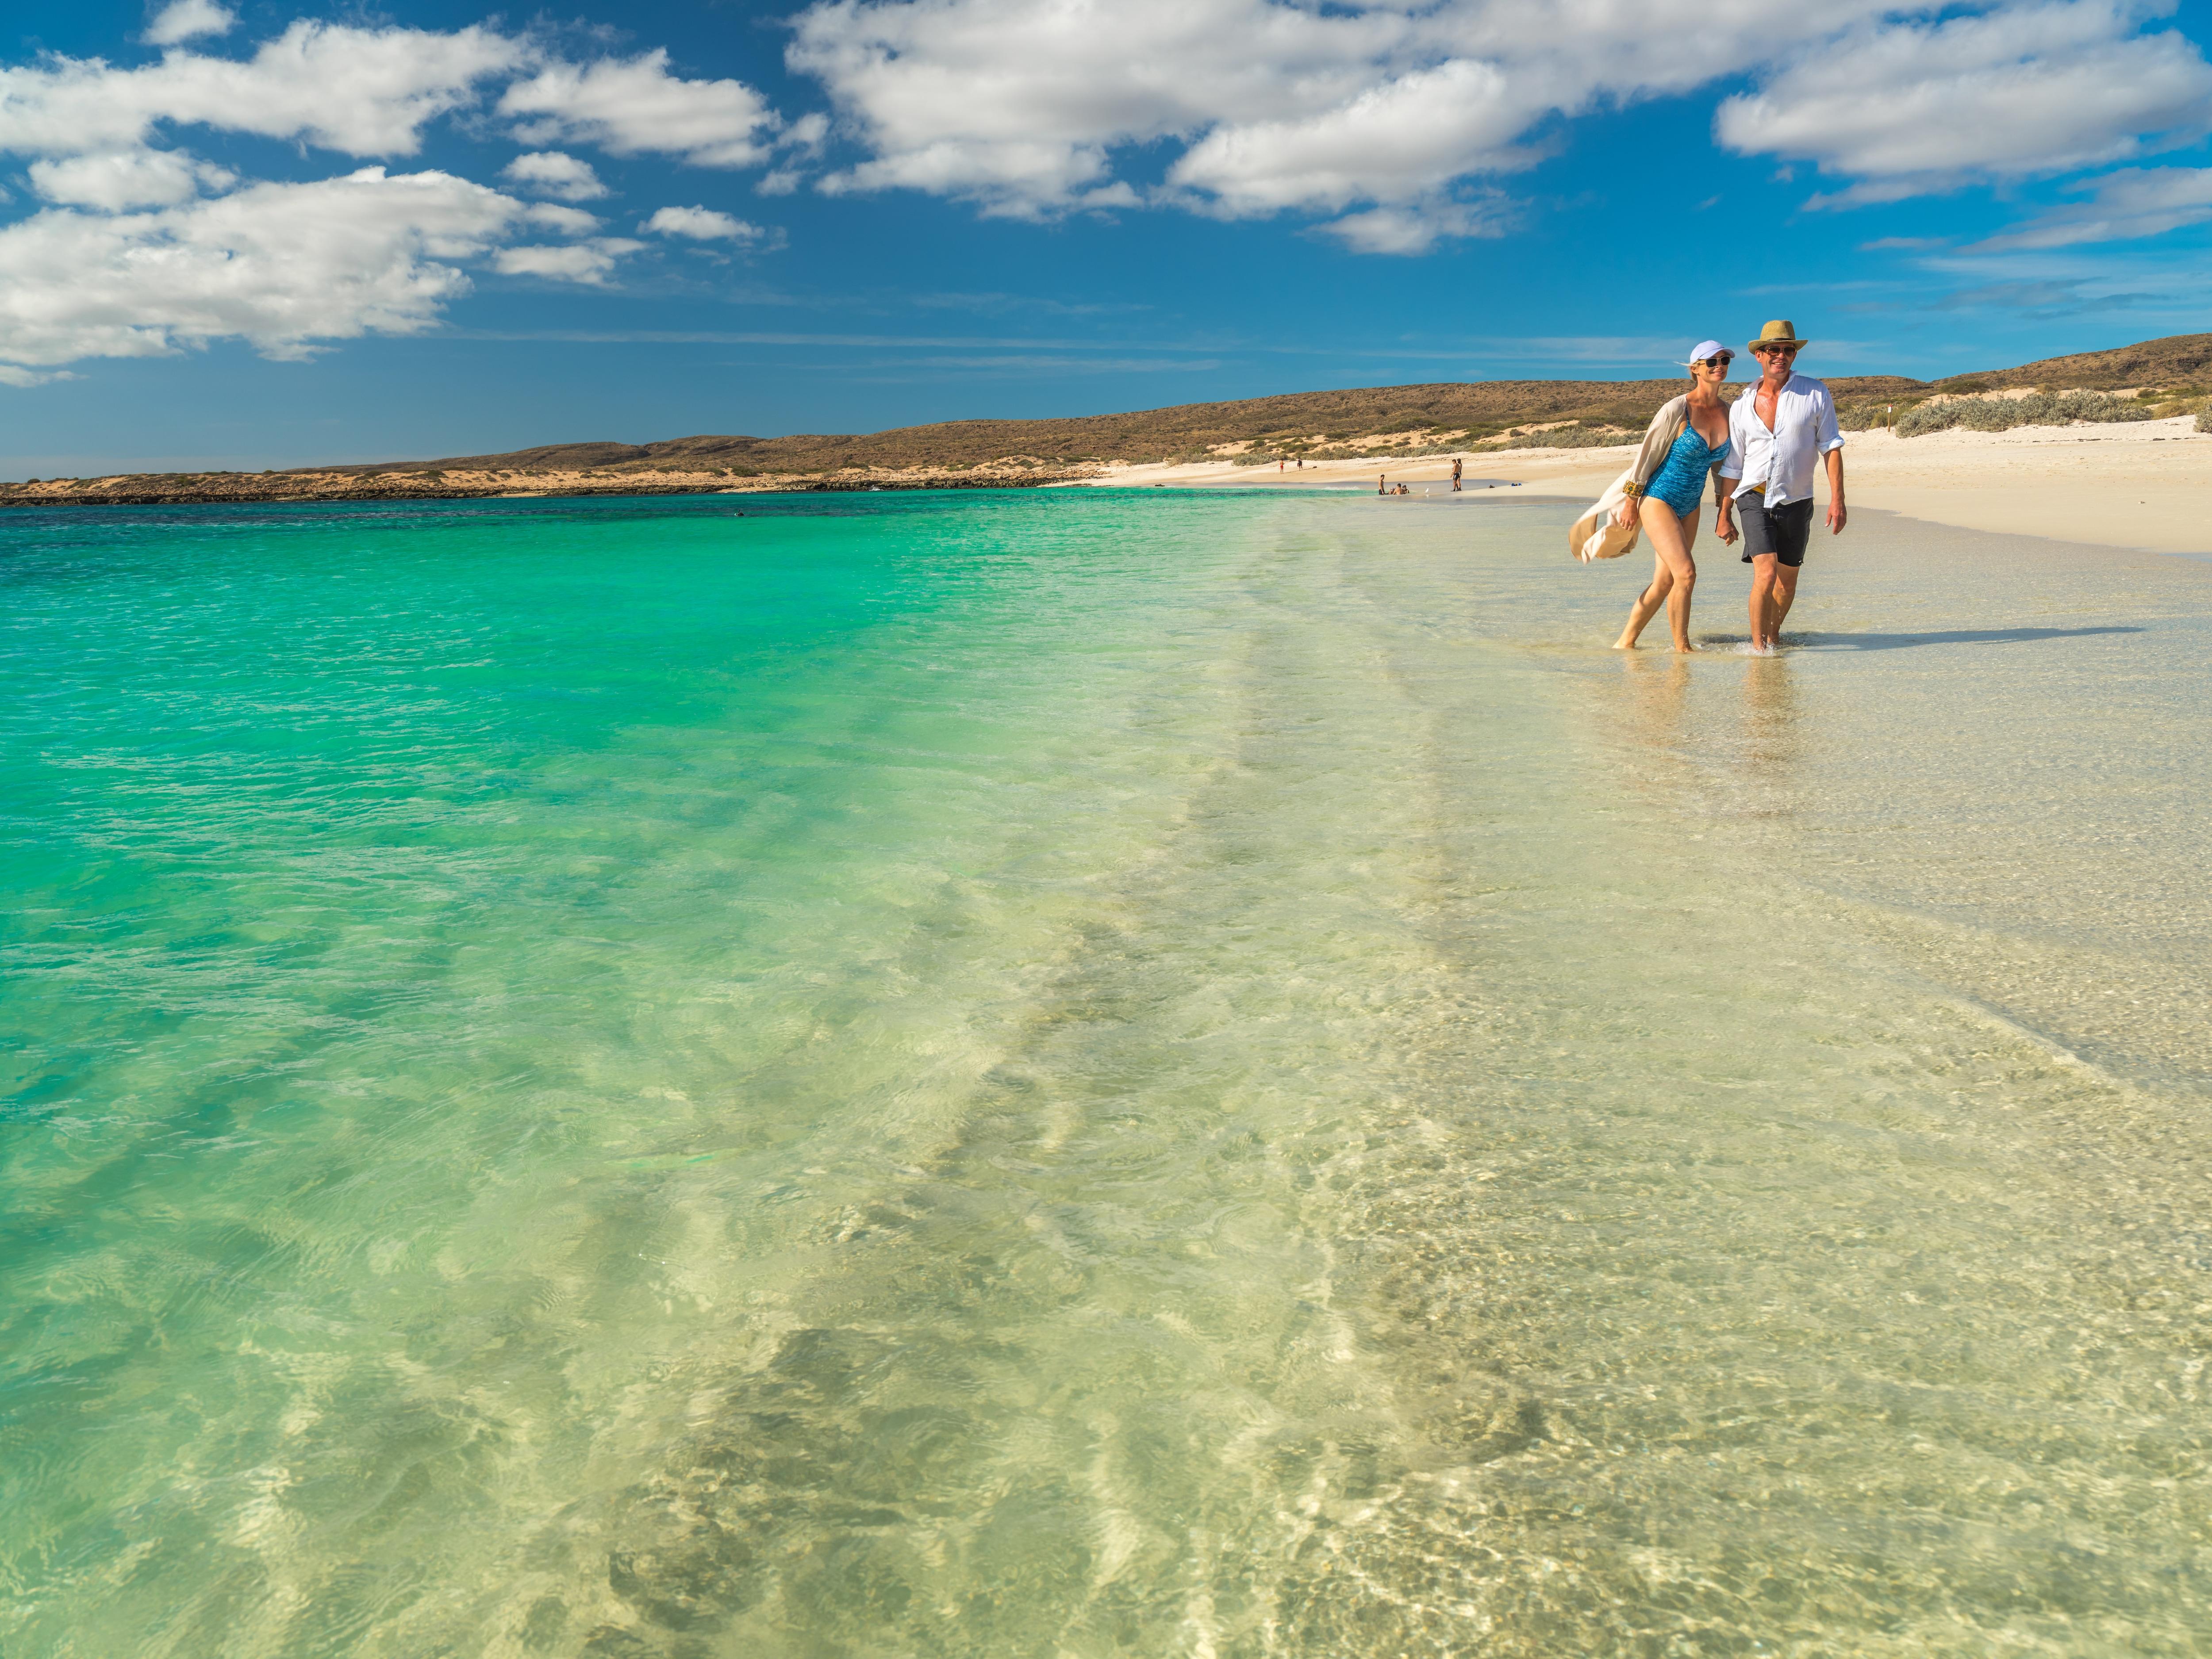 Allora Apartment Applecross guide to ningaloo reef - tourism australia